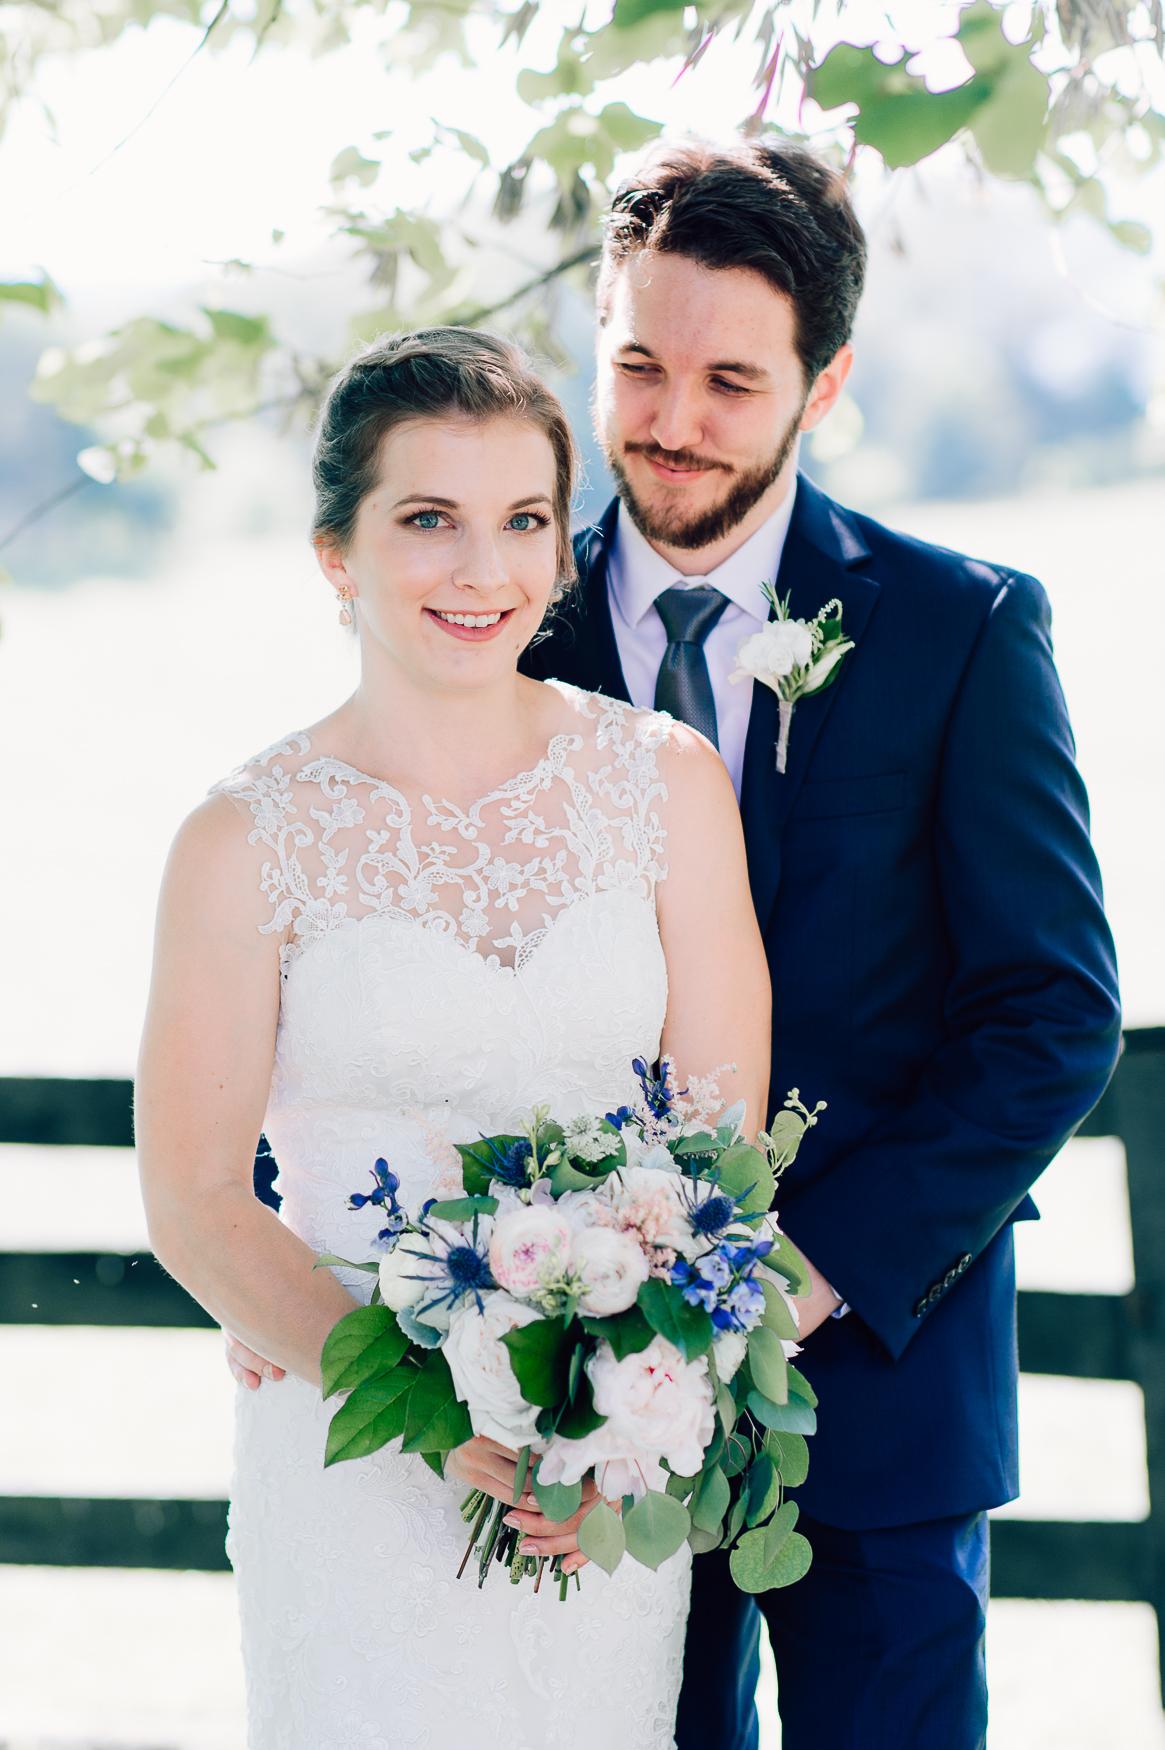 charlottesvillewedding_backyardwedding_virginia_youseephotography_CaitlinDerek (41).jpg